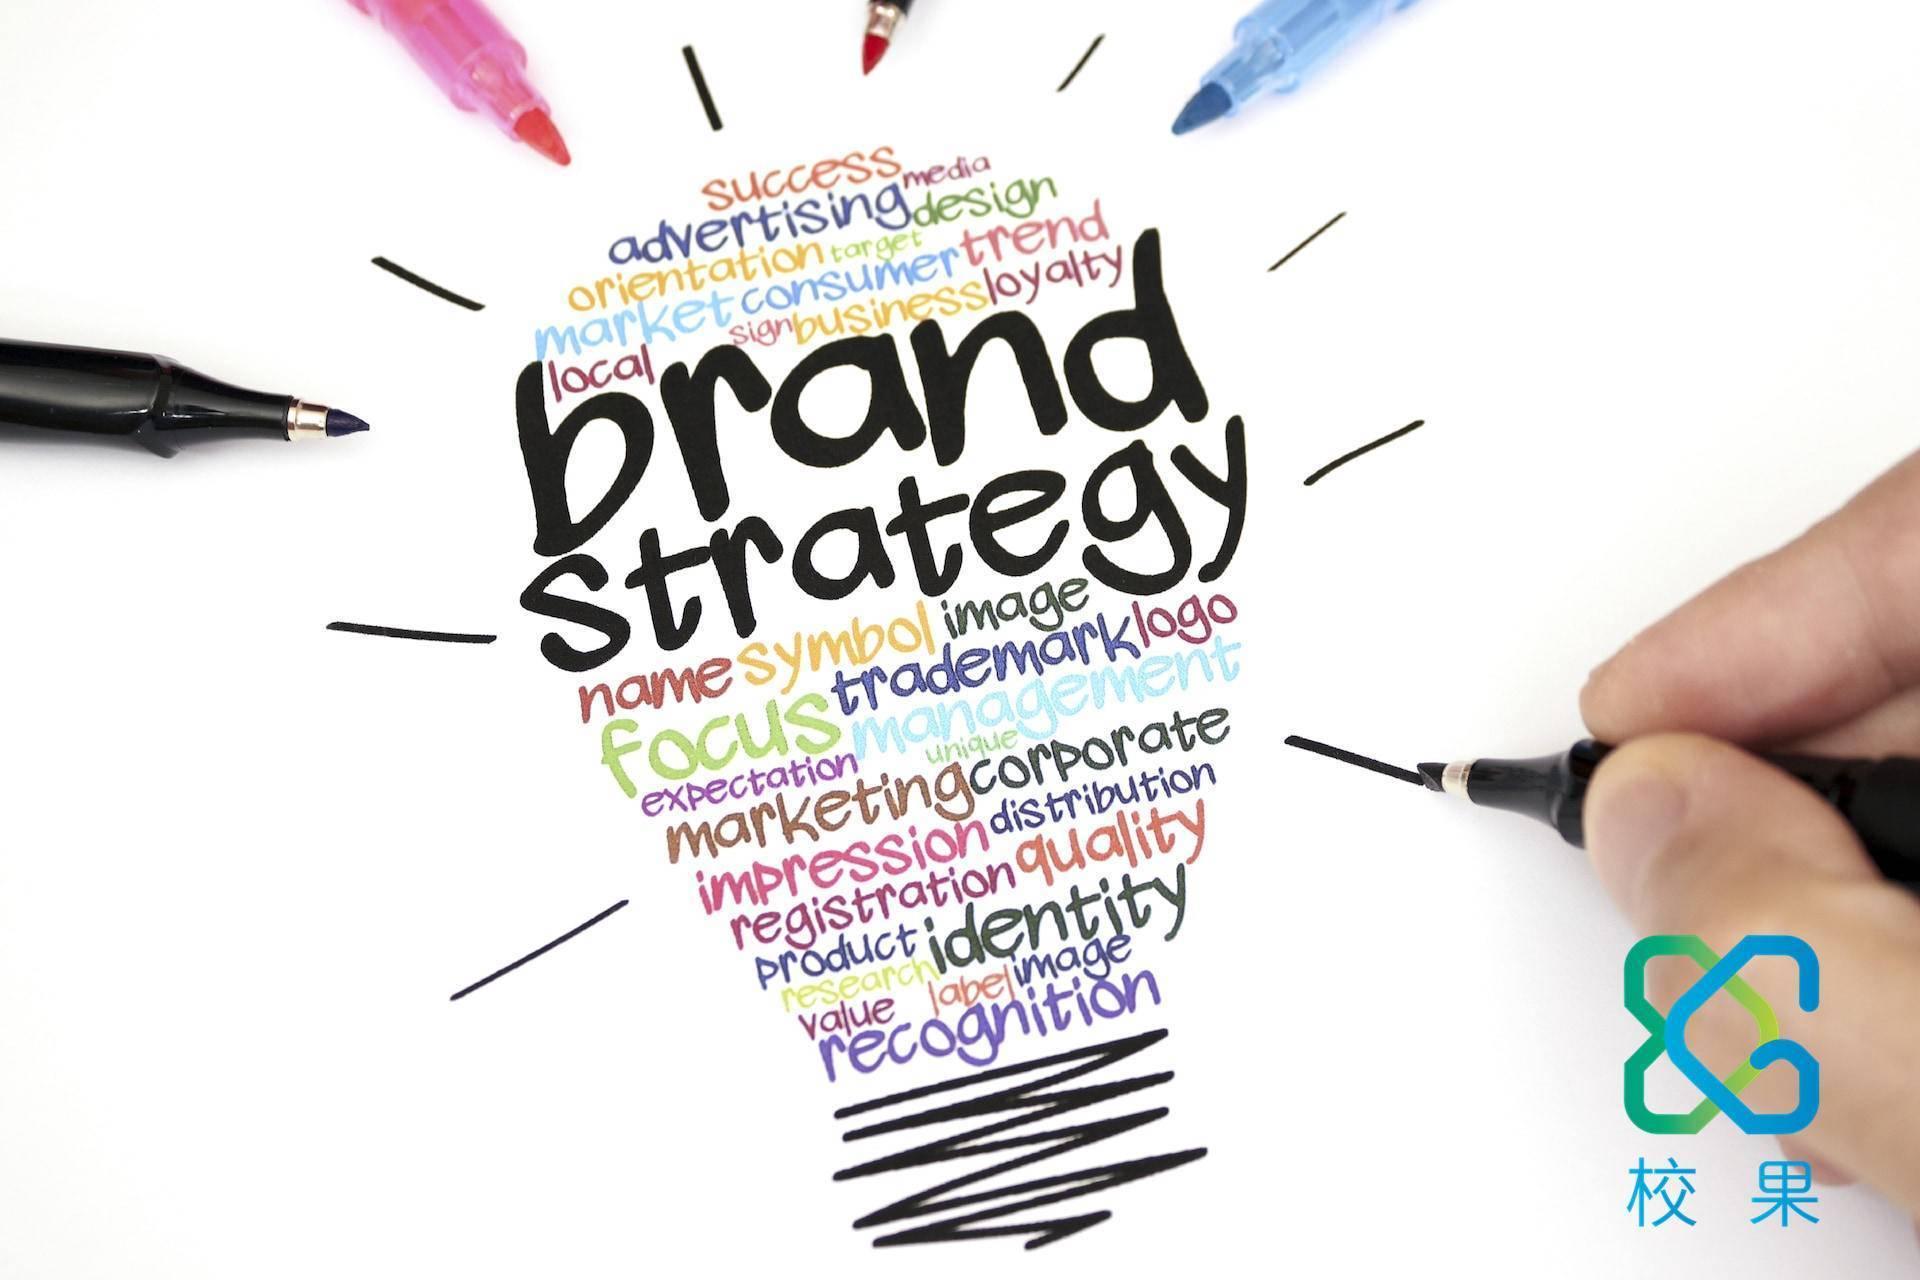 企业应该从哪几个方面去思考校园口碑营销?